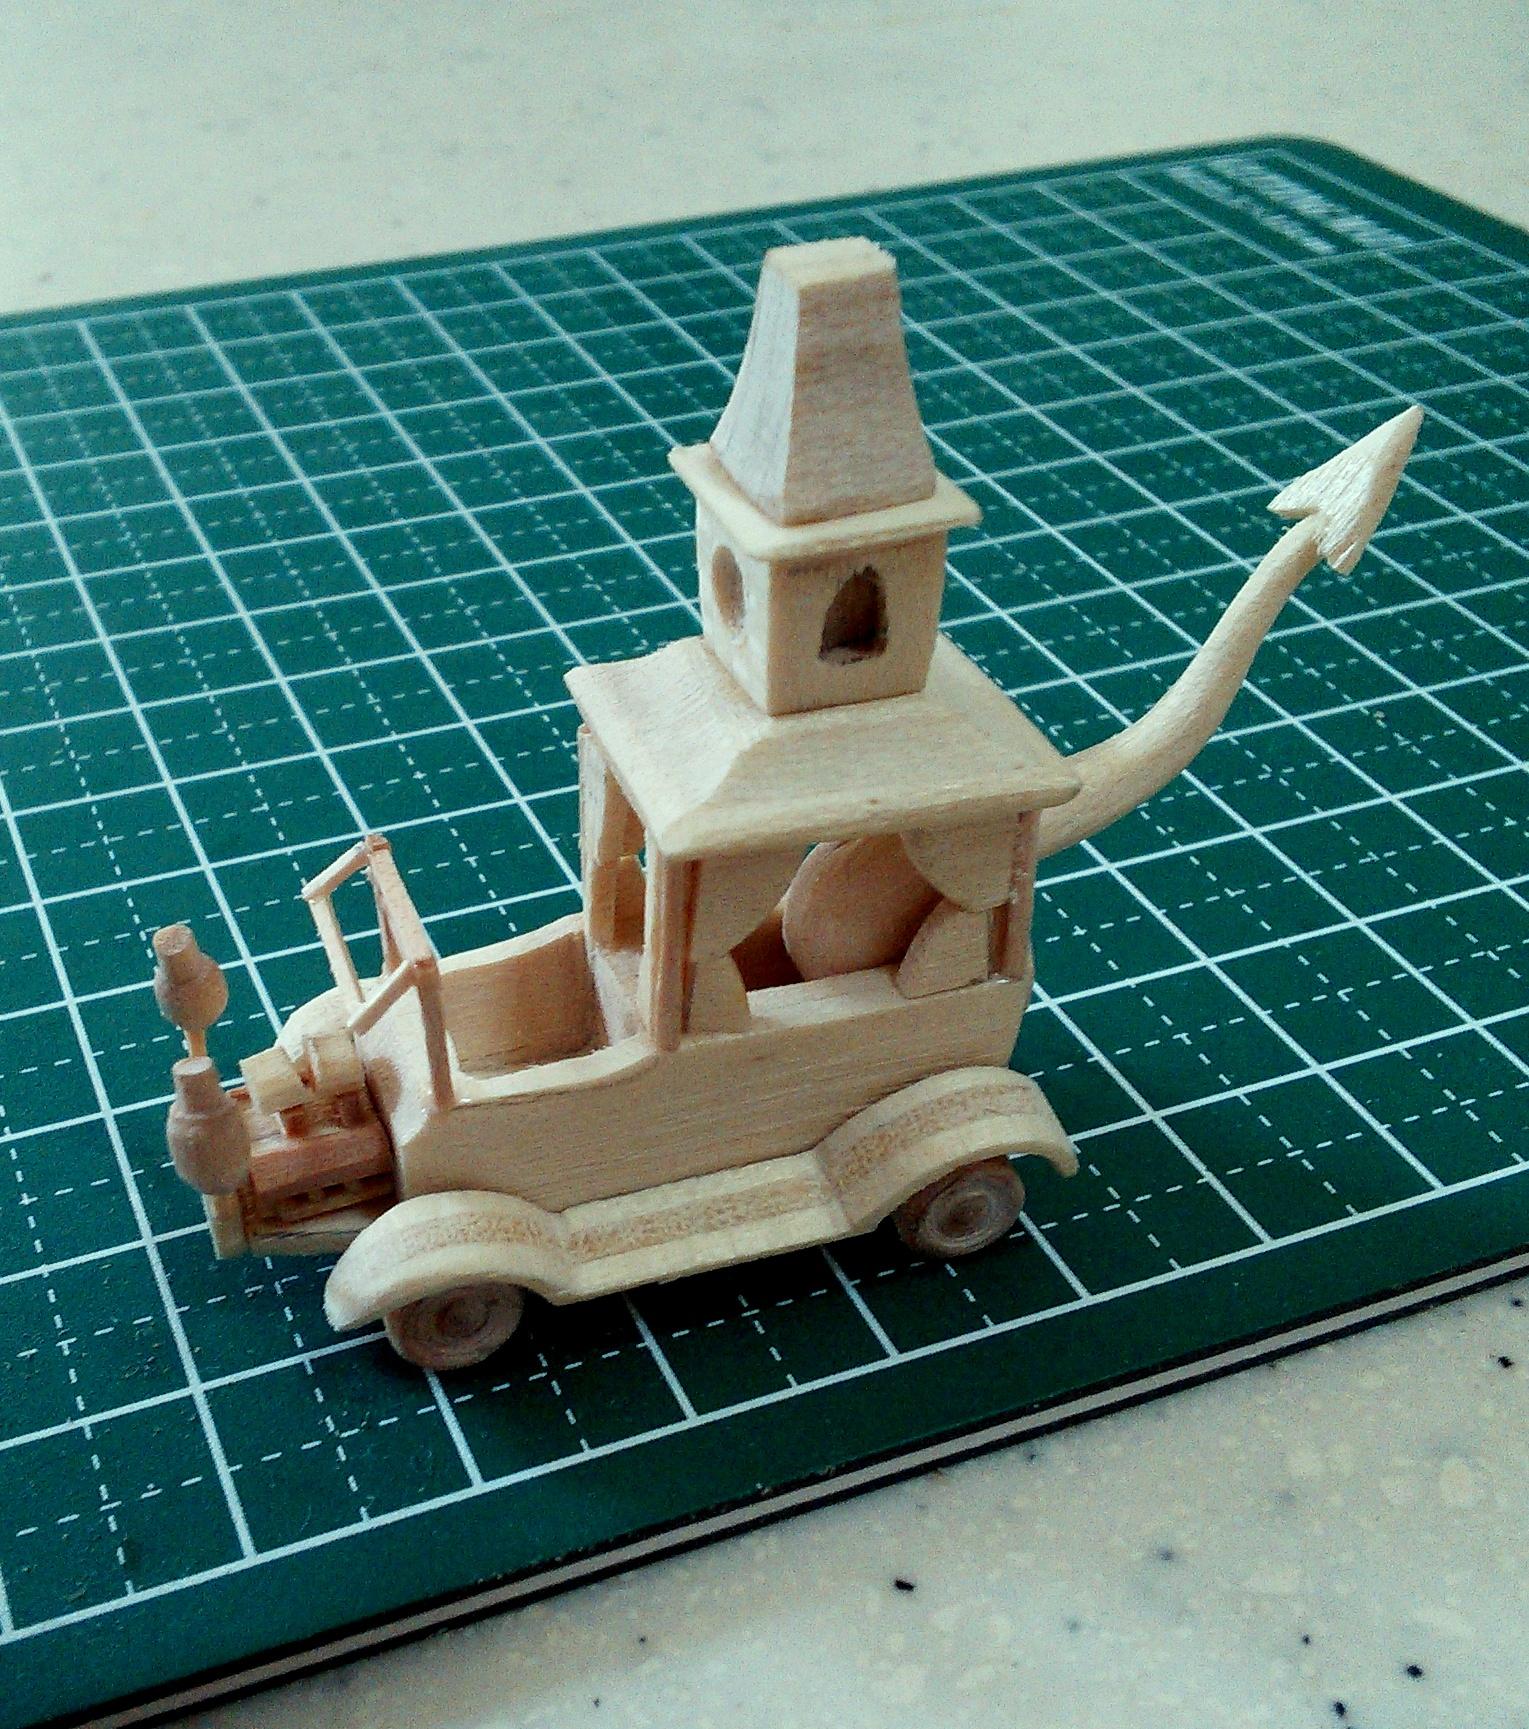 Mini Wacky Races No. 2 - Creepy Coupe Popsicle Stick Model